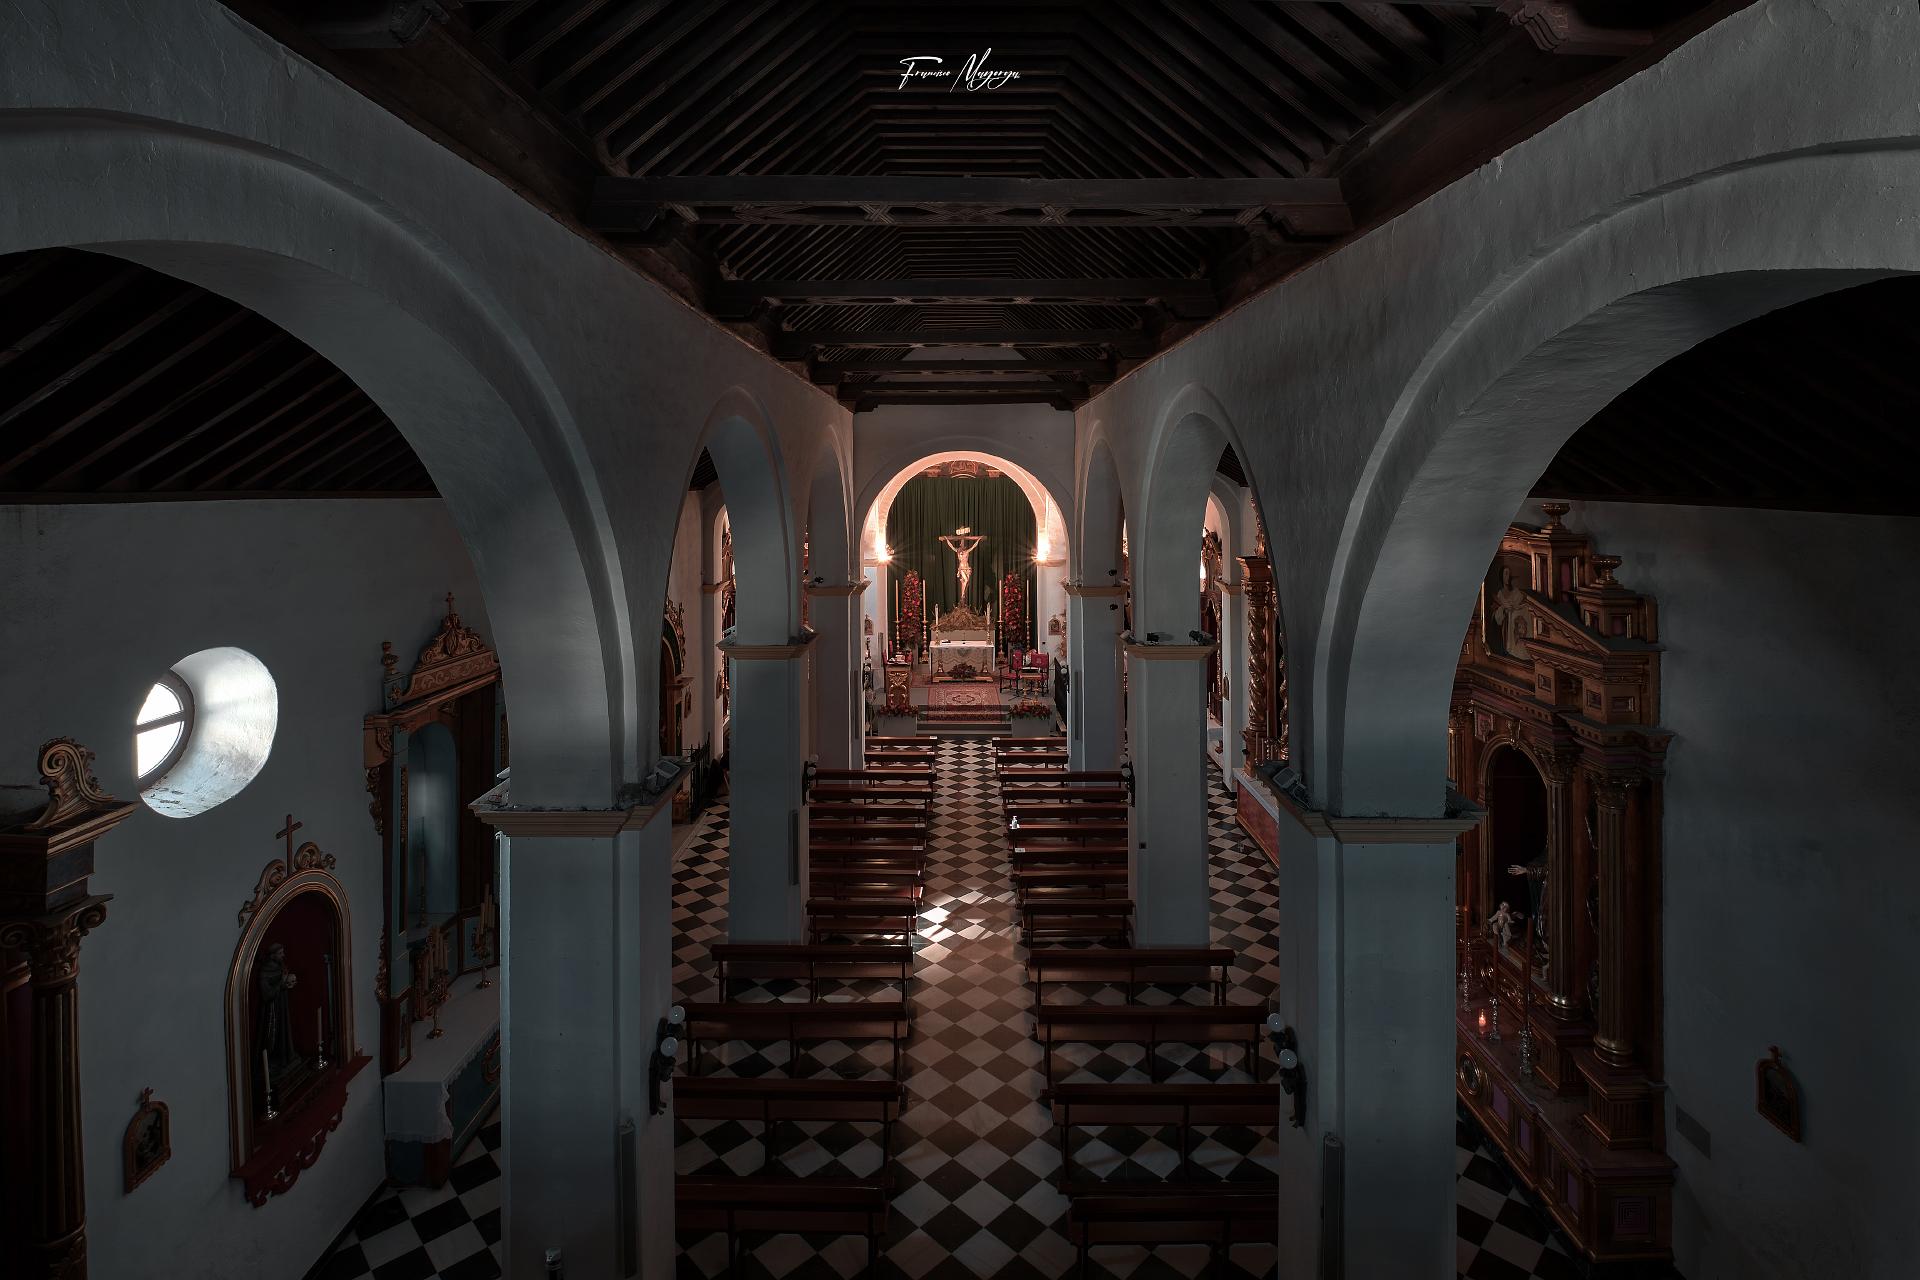 Stmo. Cristo de la Vera+Cruz en la Iglesia de Ntra. Señora de la Asunción